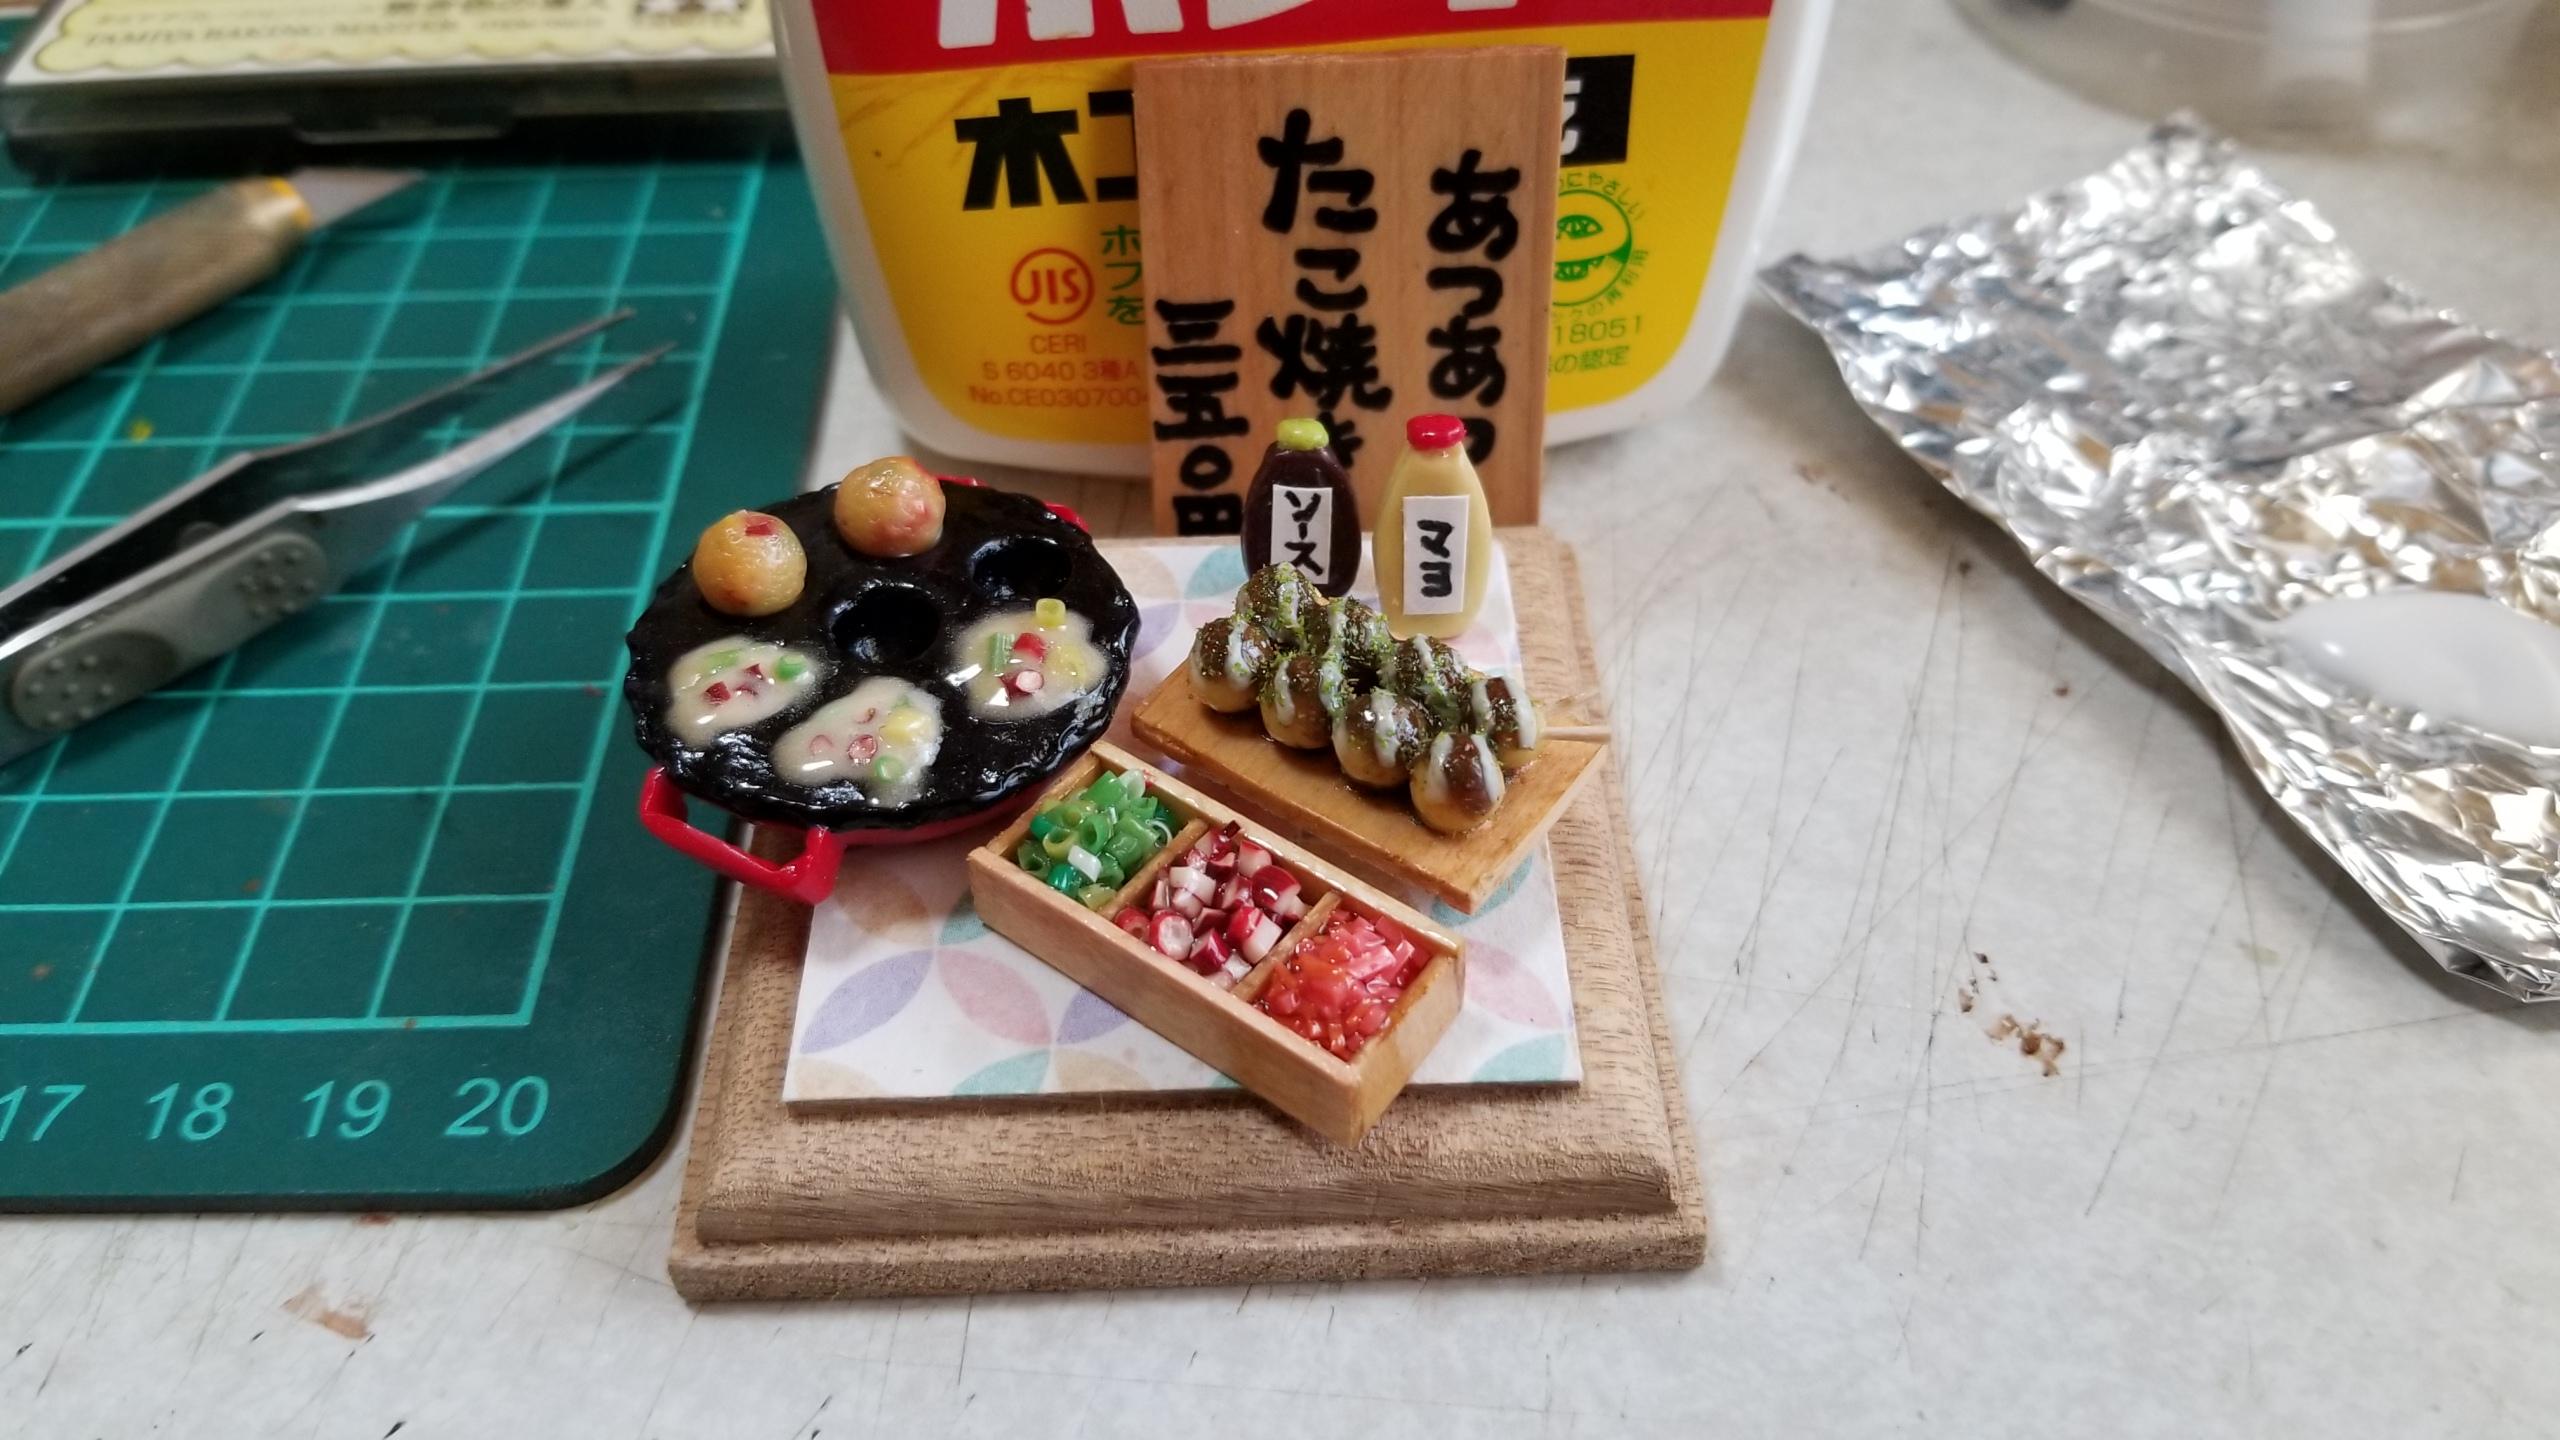 大阪たこ焼き器セット,樹脂粘土,ミニチュア,作り方,レジン,ドール